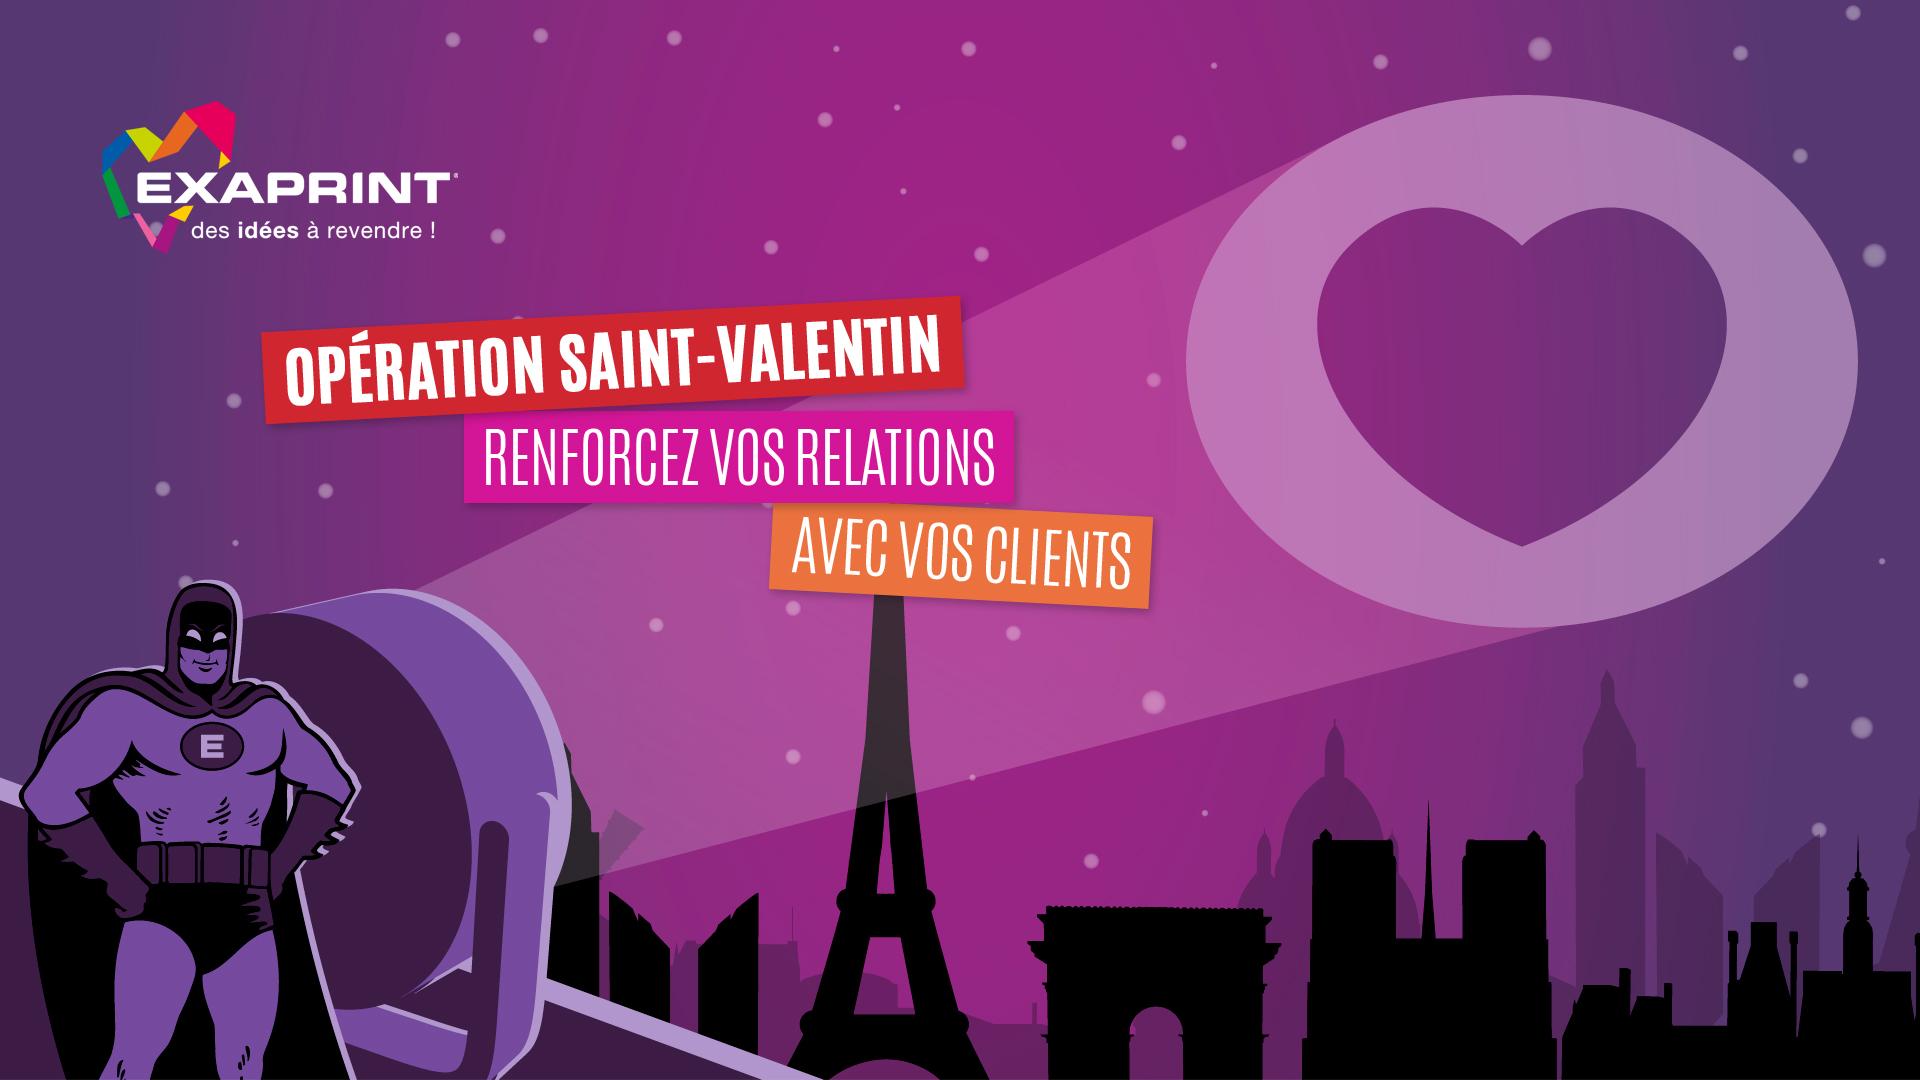 exaprint-saint-valentin-creation-concept-visuel-mailing-graphique-site-internet-caconcept-alexis-cretin-graphiste-montpellier